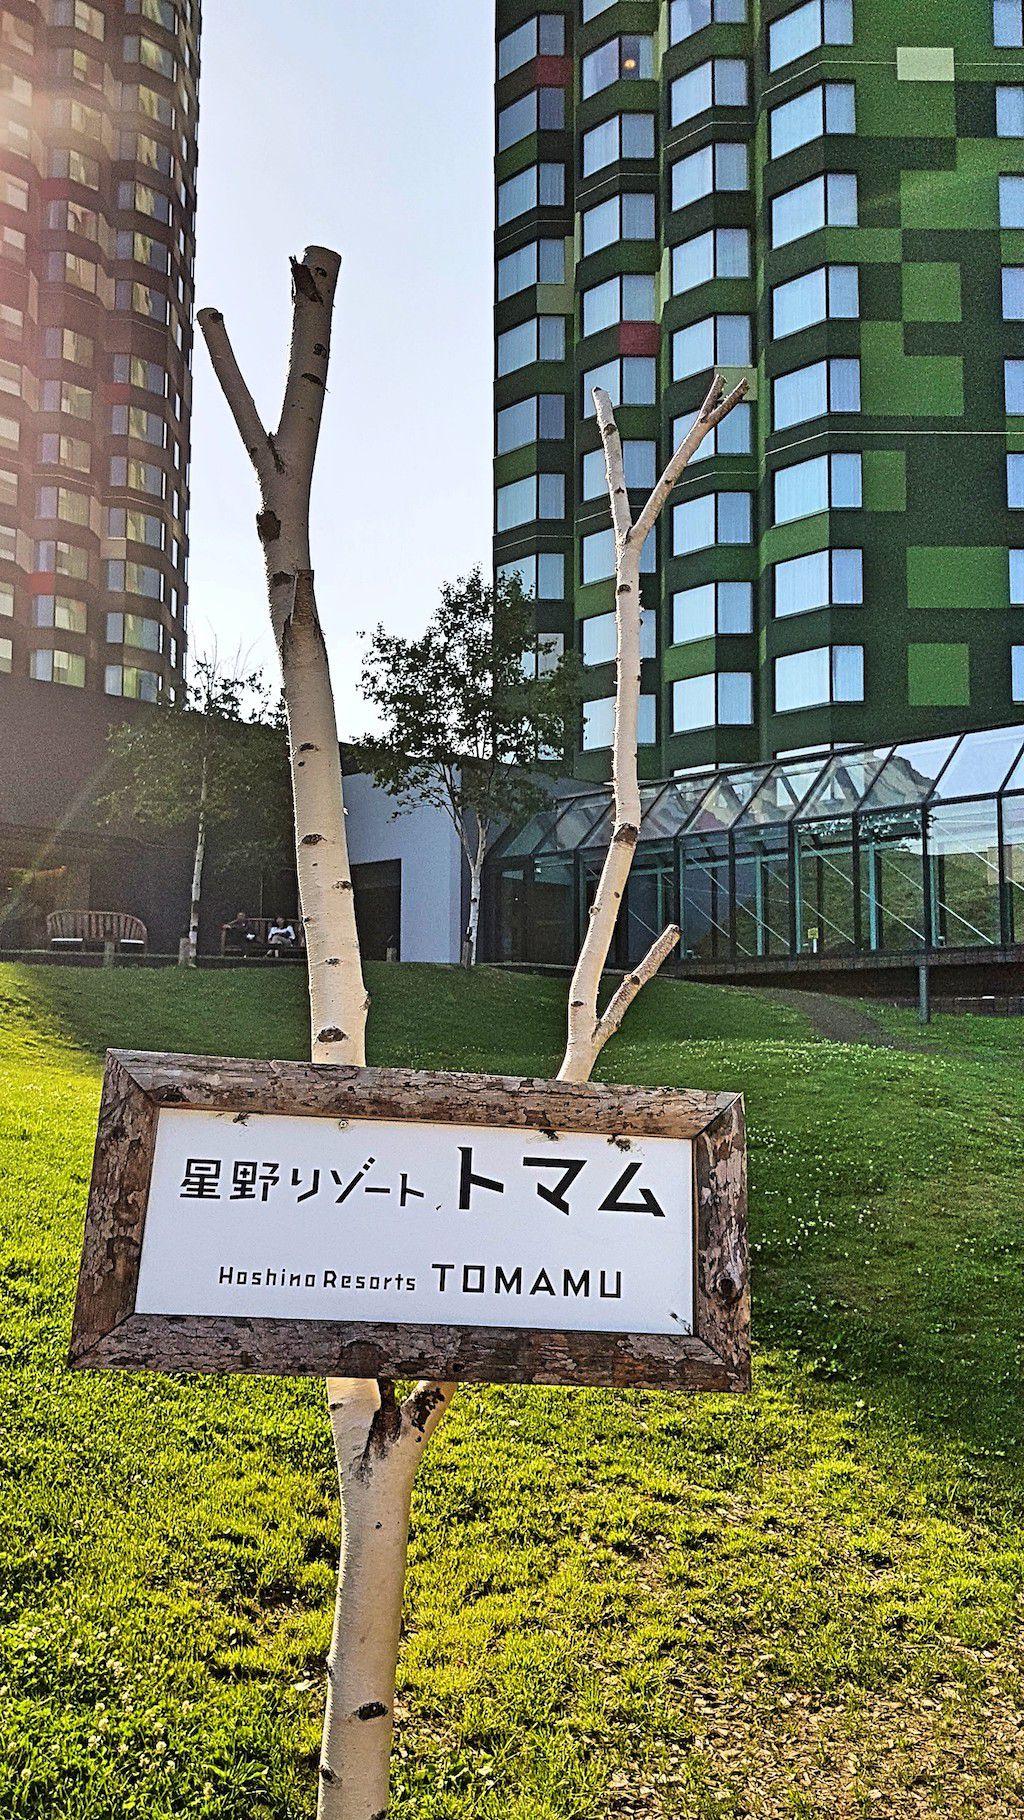 Hoshino Resorts Tomamu hokkaido